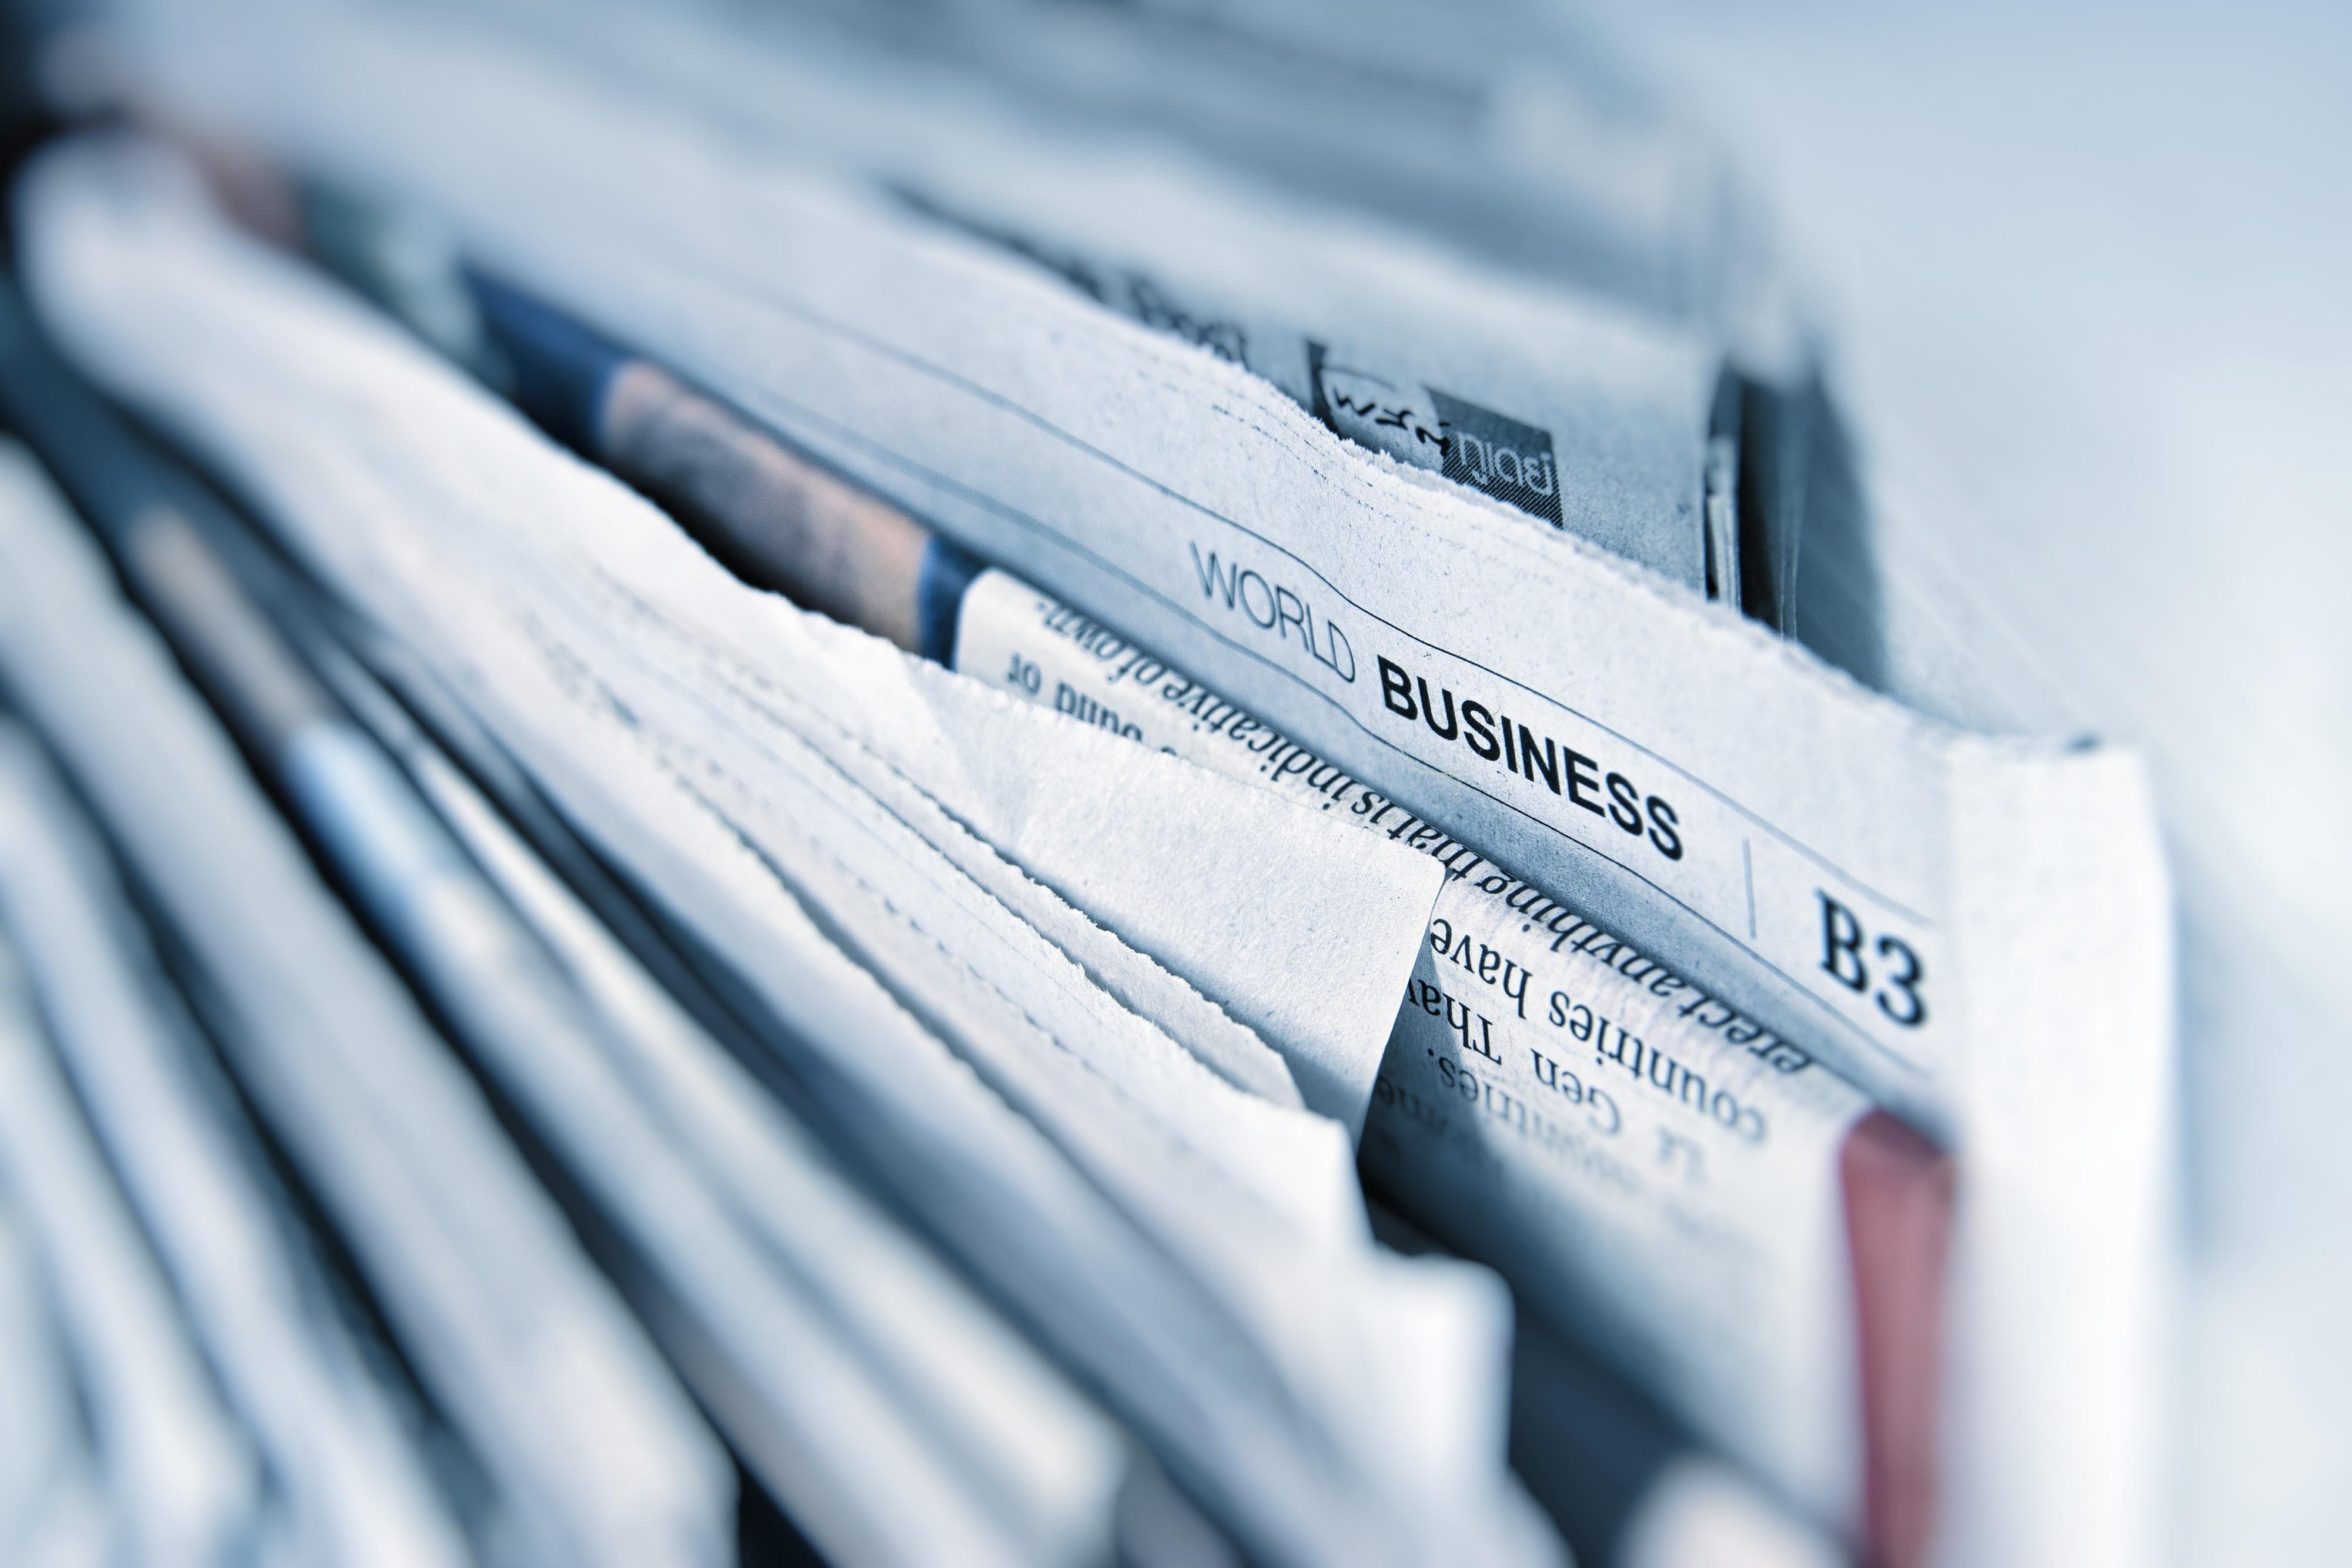 Il 2019 dei temi migratori su quotidiani e telegiornali